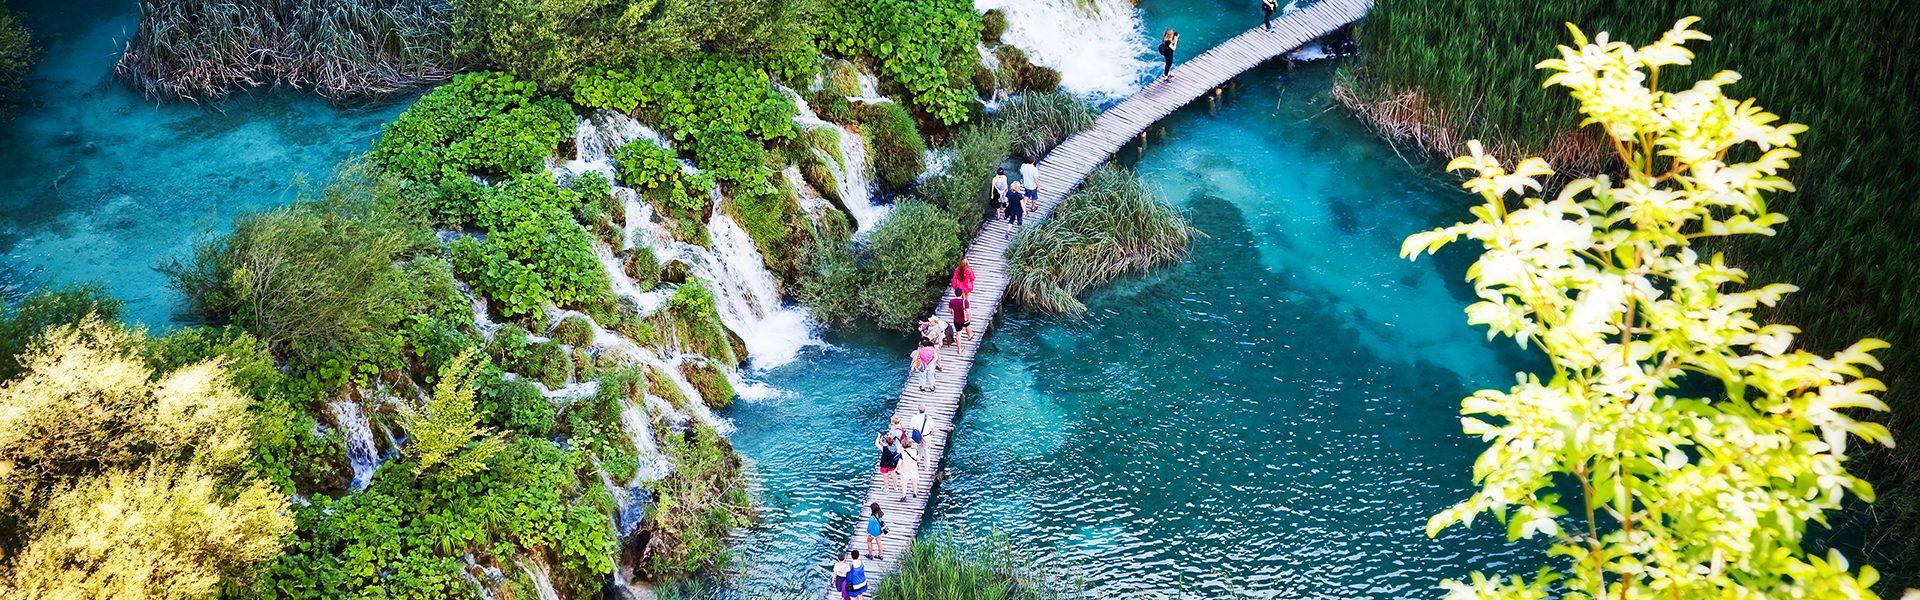 Δαλματικές Ακτές και Λίμνες Πλίτβιτσε | Ταξιδέψτε στη Δαλματία αεροπορικώς ή οδικώς, όλο το χρόνο | Prima Holidays